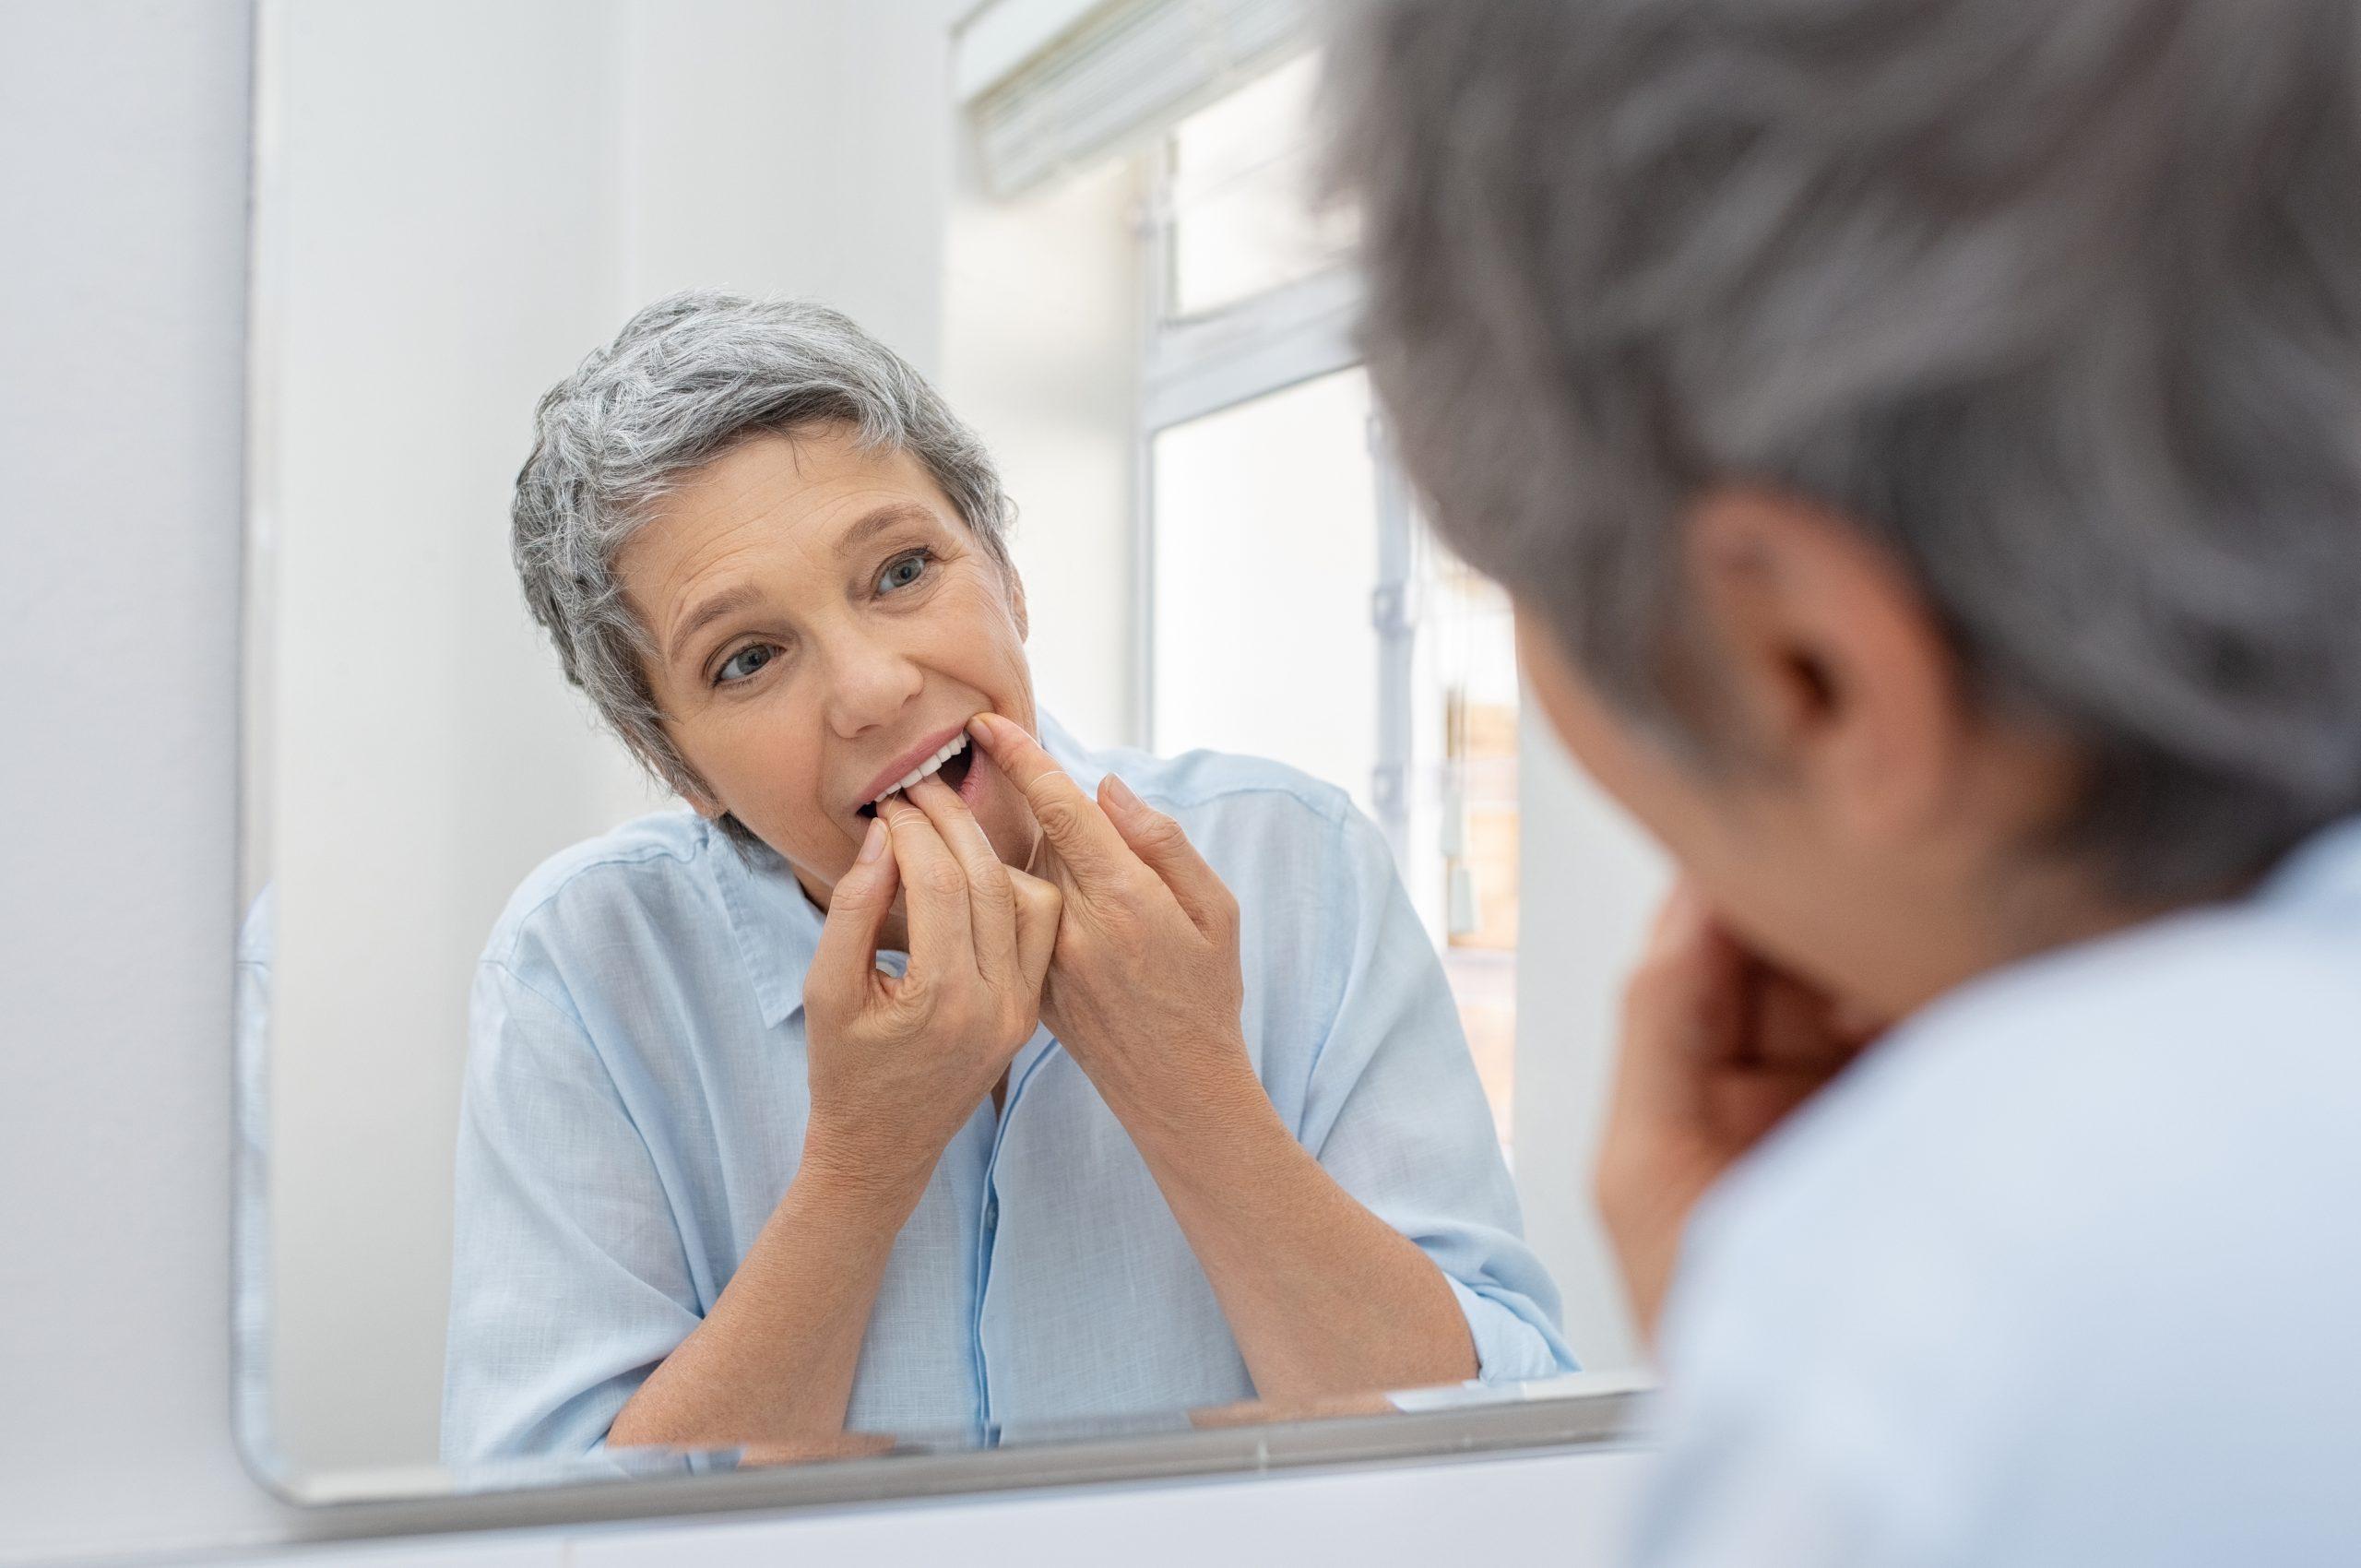 Consejos de higiene y salud oral para evitar las patologías periodontales durante la COVID-19